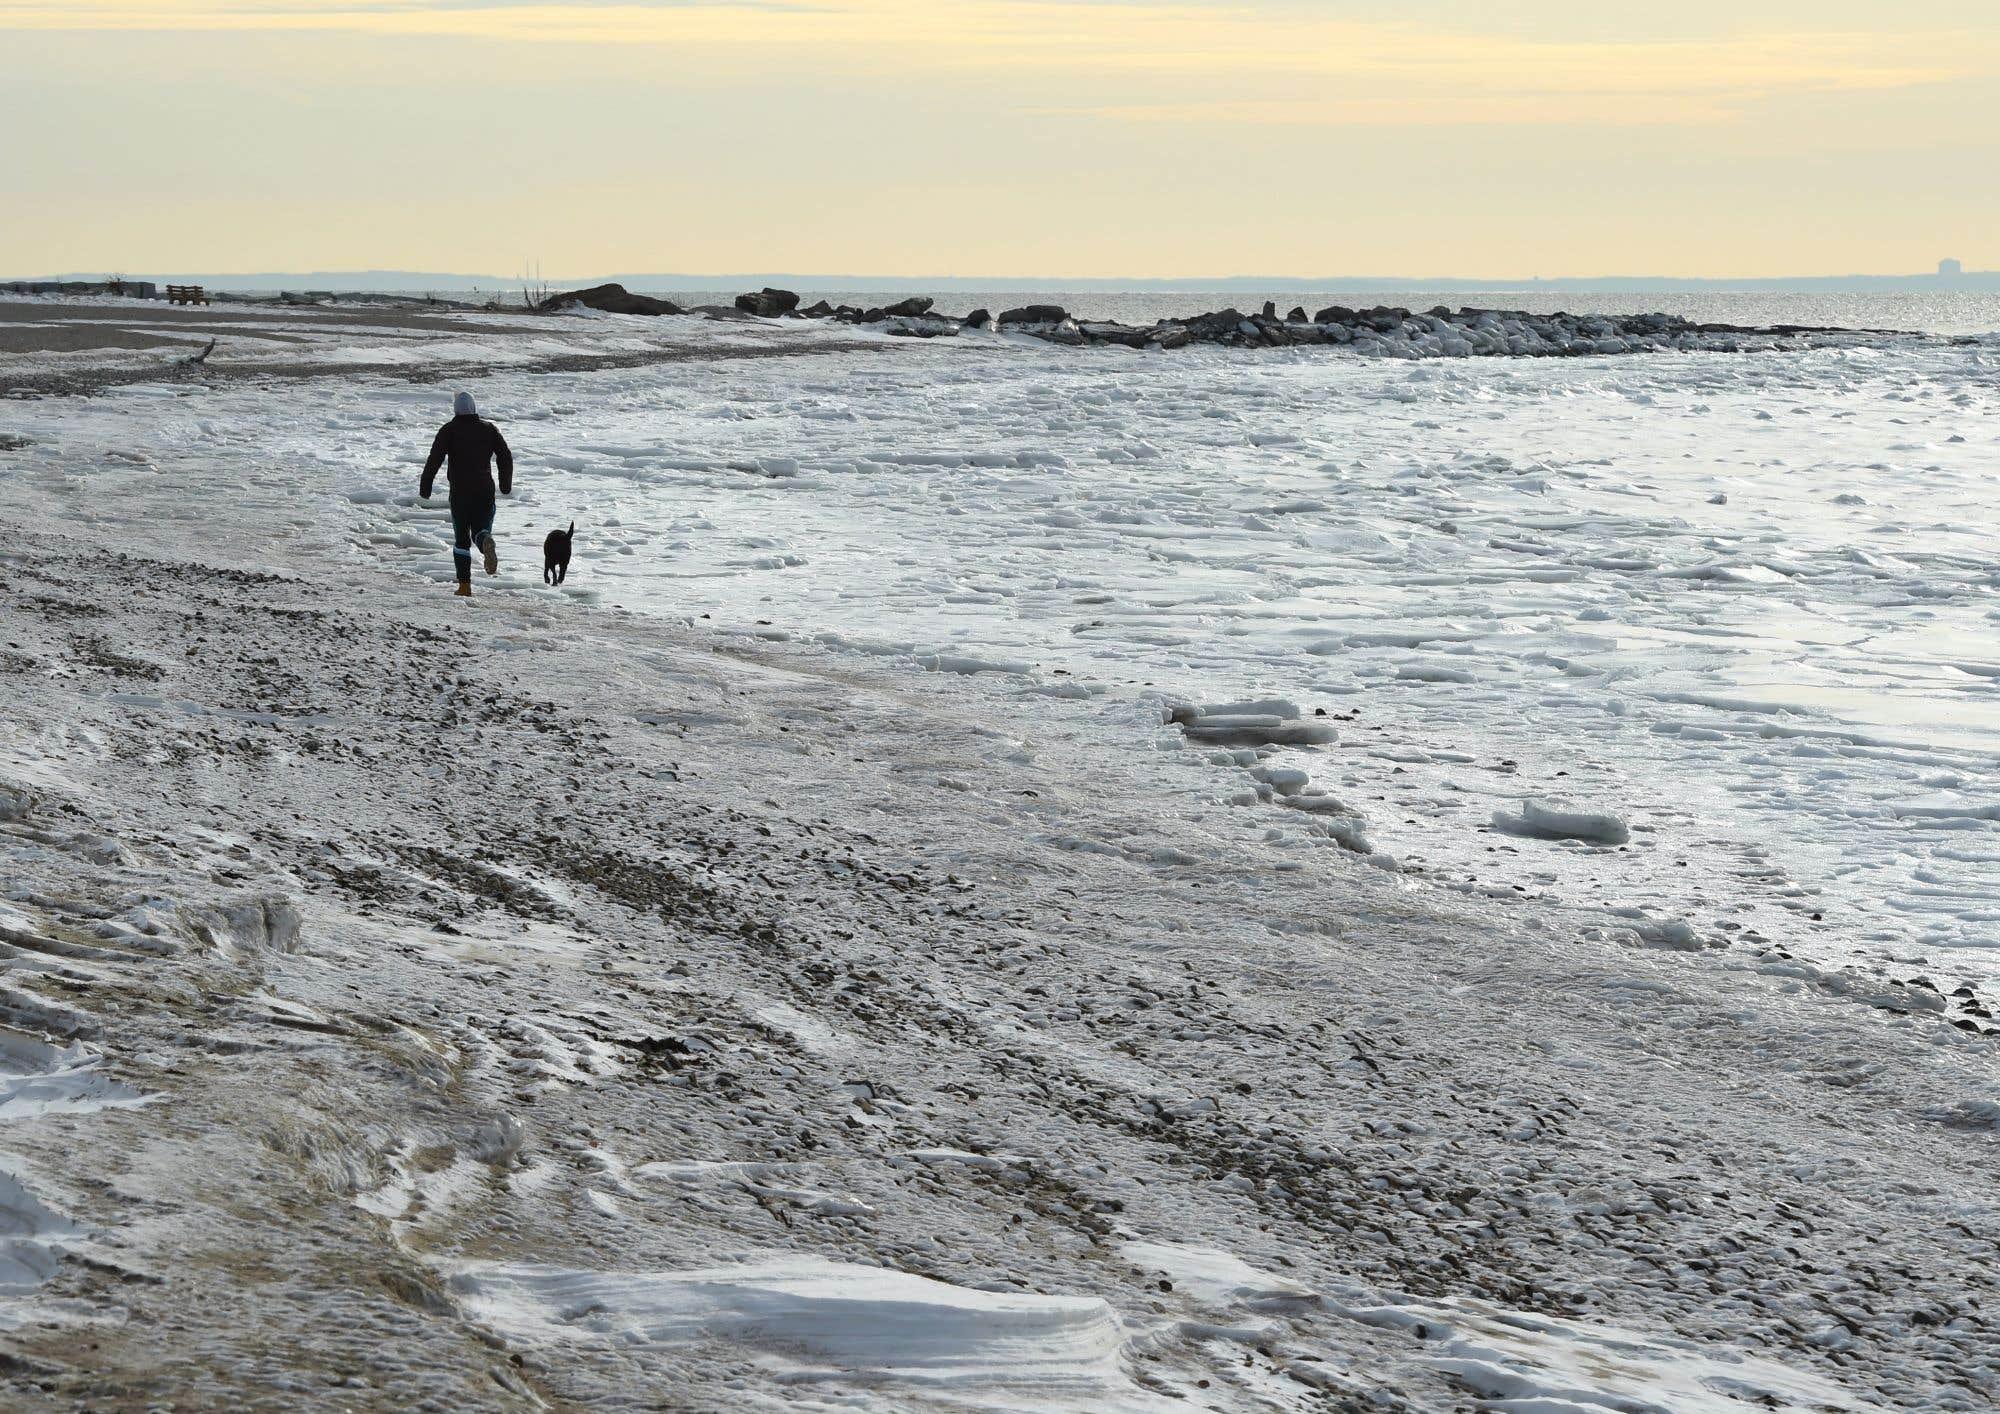 Le détroit de Long Island avait des allures apocalyptiques en début de semaine alors que le Nord-Est américain continuait de subir des températures très froides. Un homme promenait son chien le long du cours d'eau gelé.